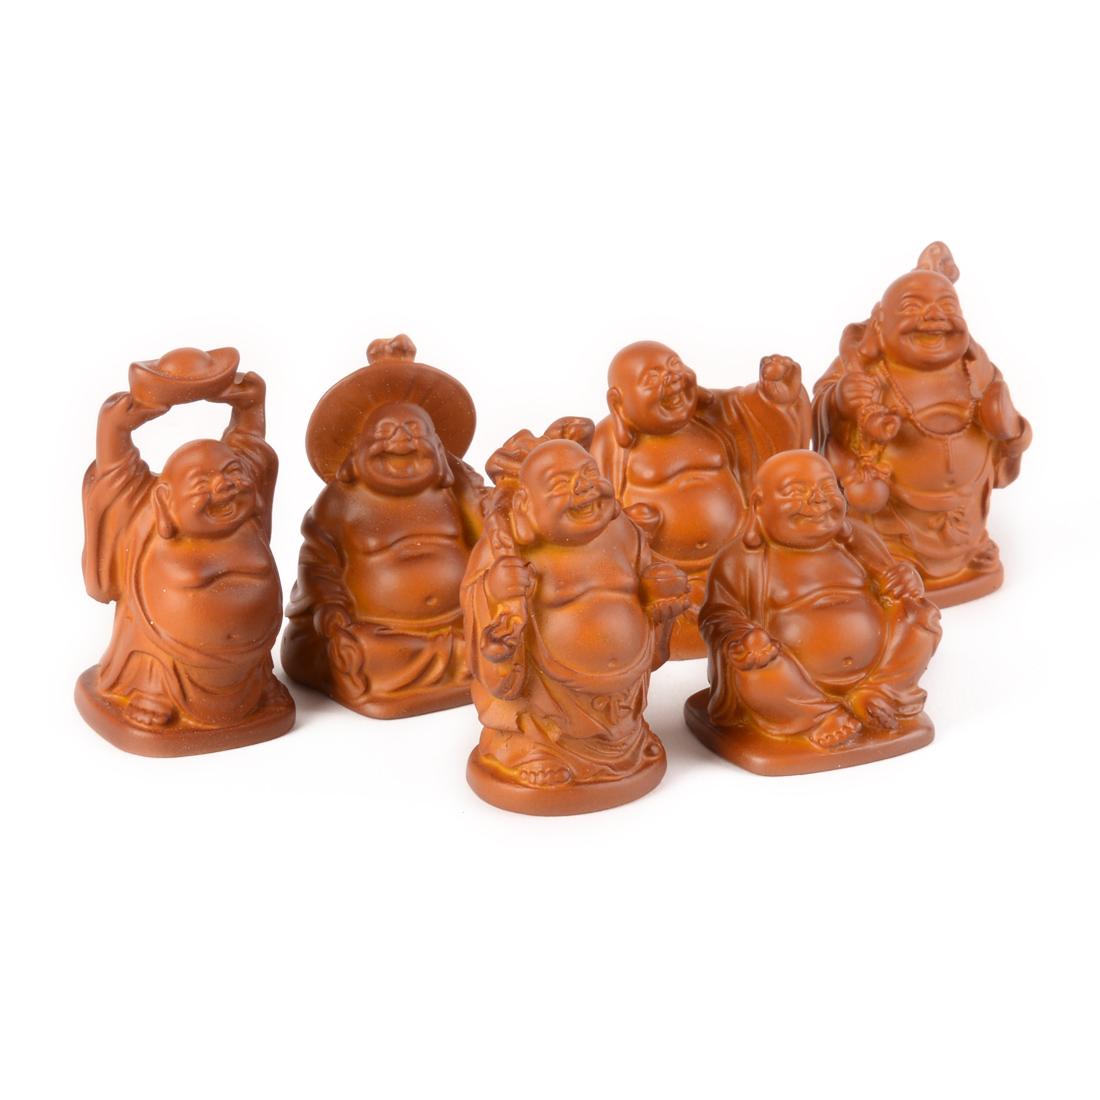 statuettes bouddha rieur lot de 6 statuettes d co petit prix planete. Black Bedroom Furniture Sets. Home Design Ideas